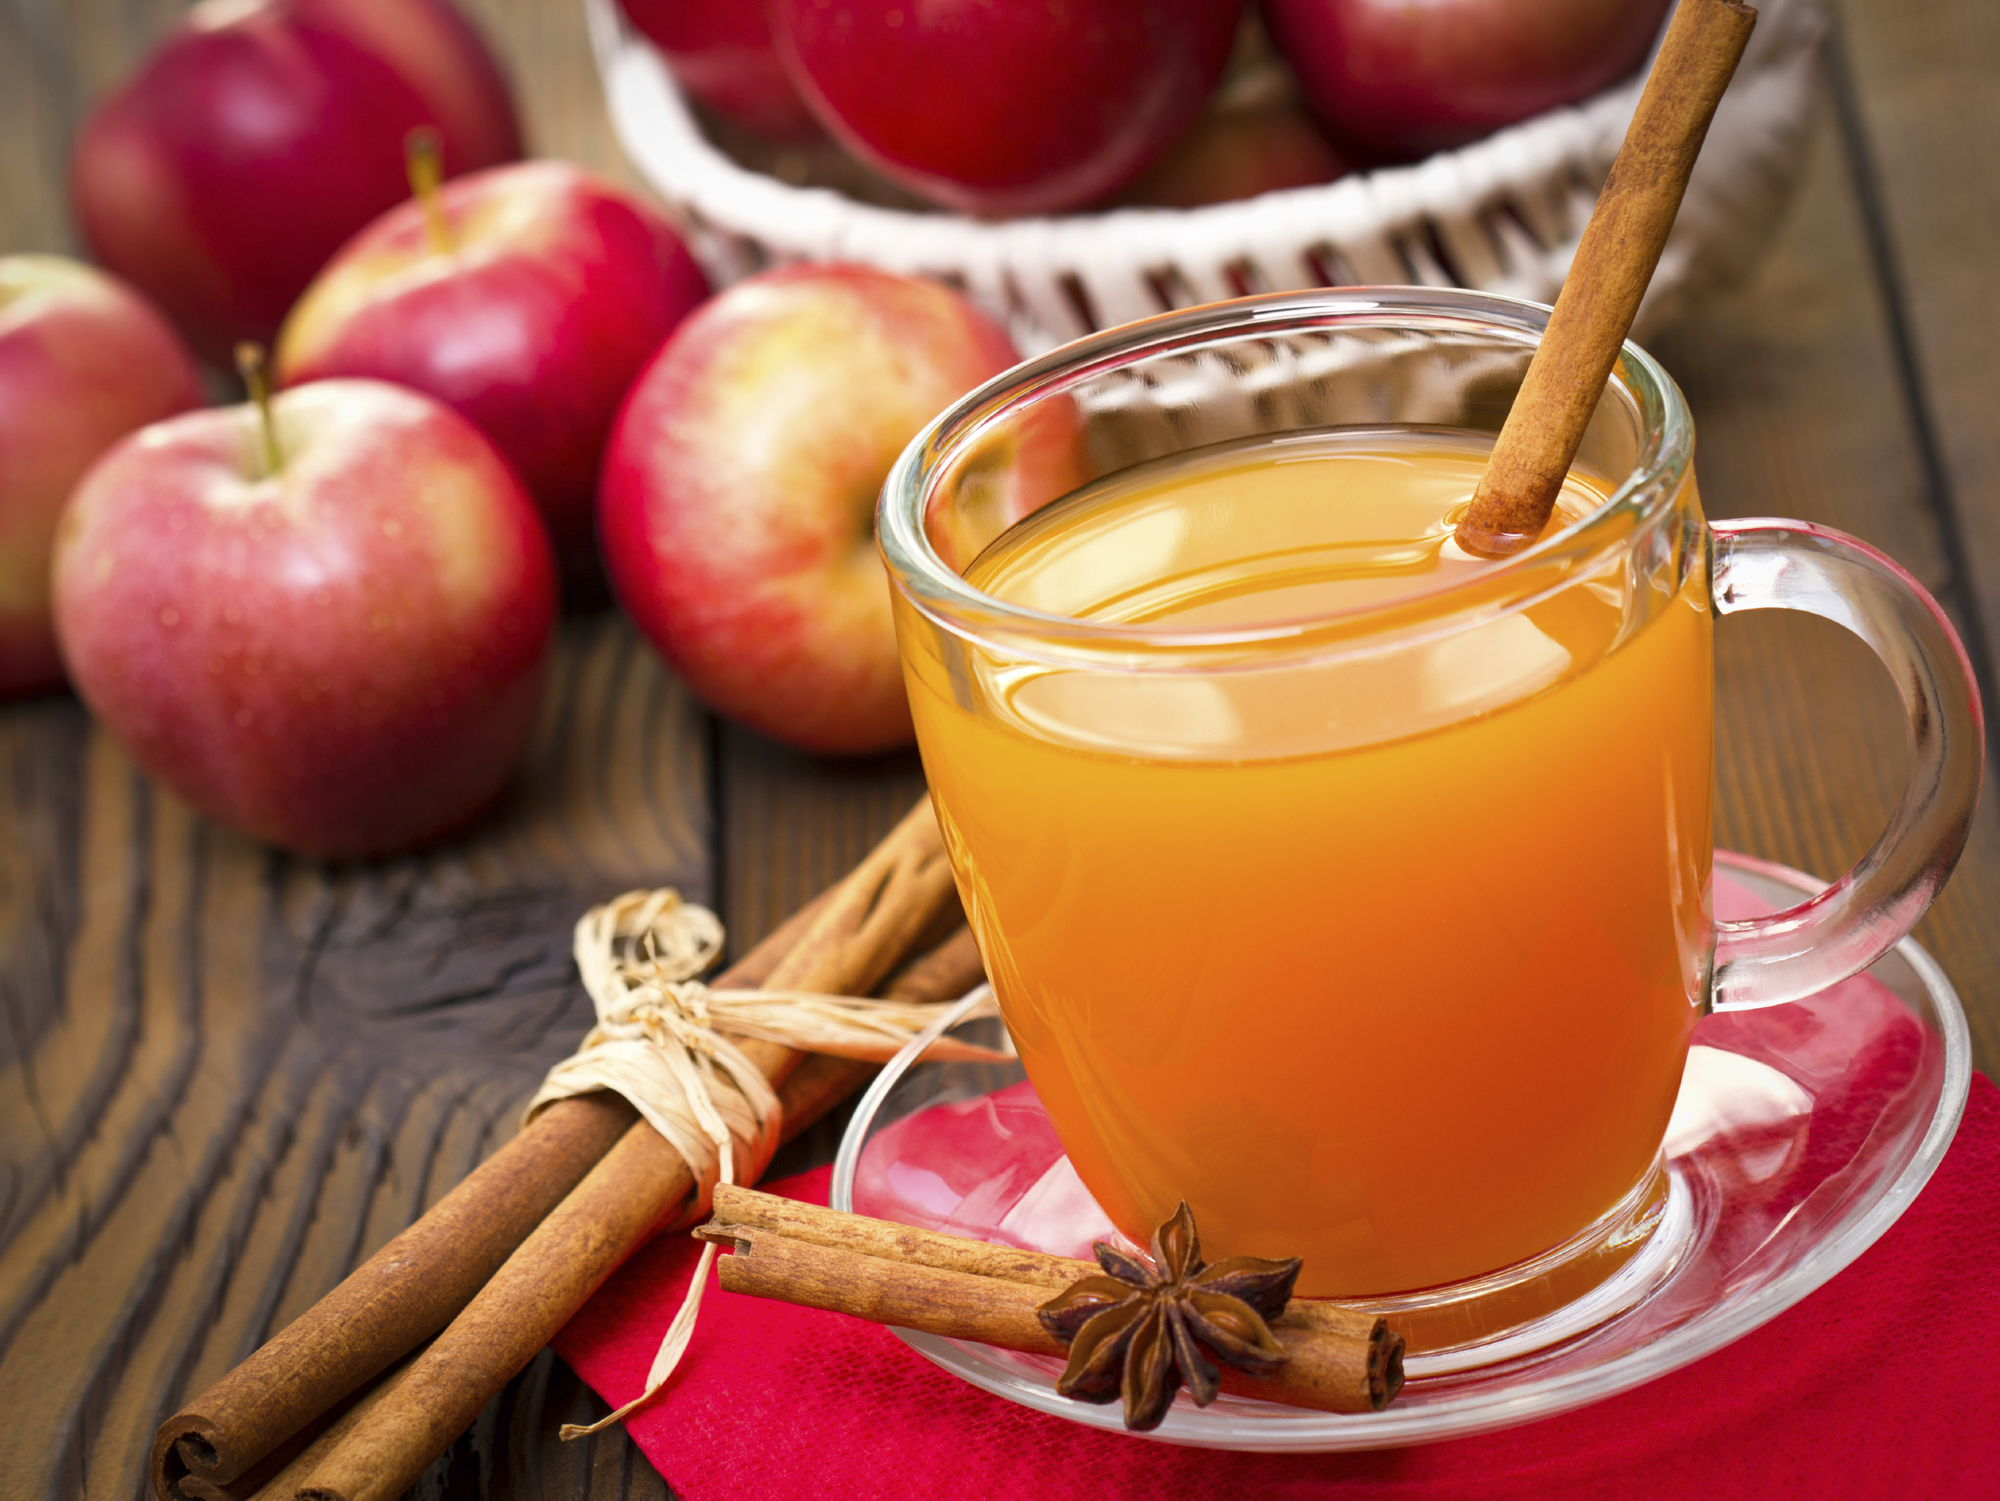 Выжать сок из яблок в домашних условиях